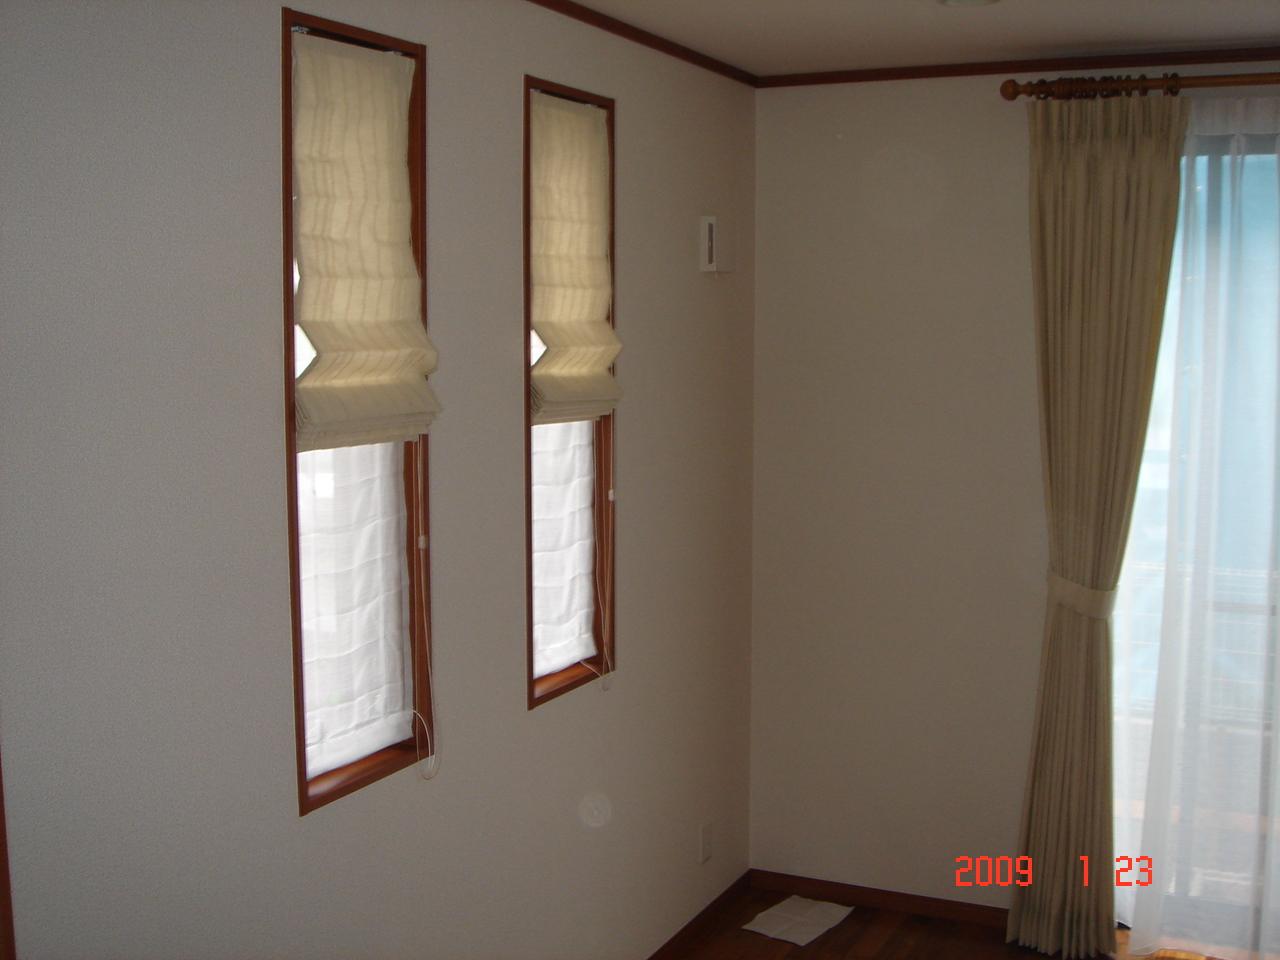 写真が暗いのですがリビングです。<br>開放感有るリビングをとの狙いで壁紙は無地の織物調の飽きのこない物、カーテンは壁と同系色で広がり感を重視しました。